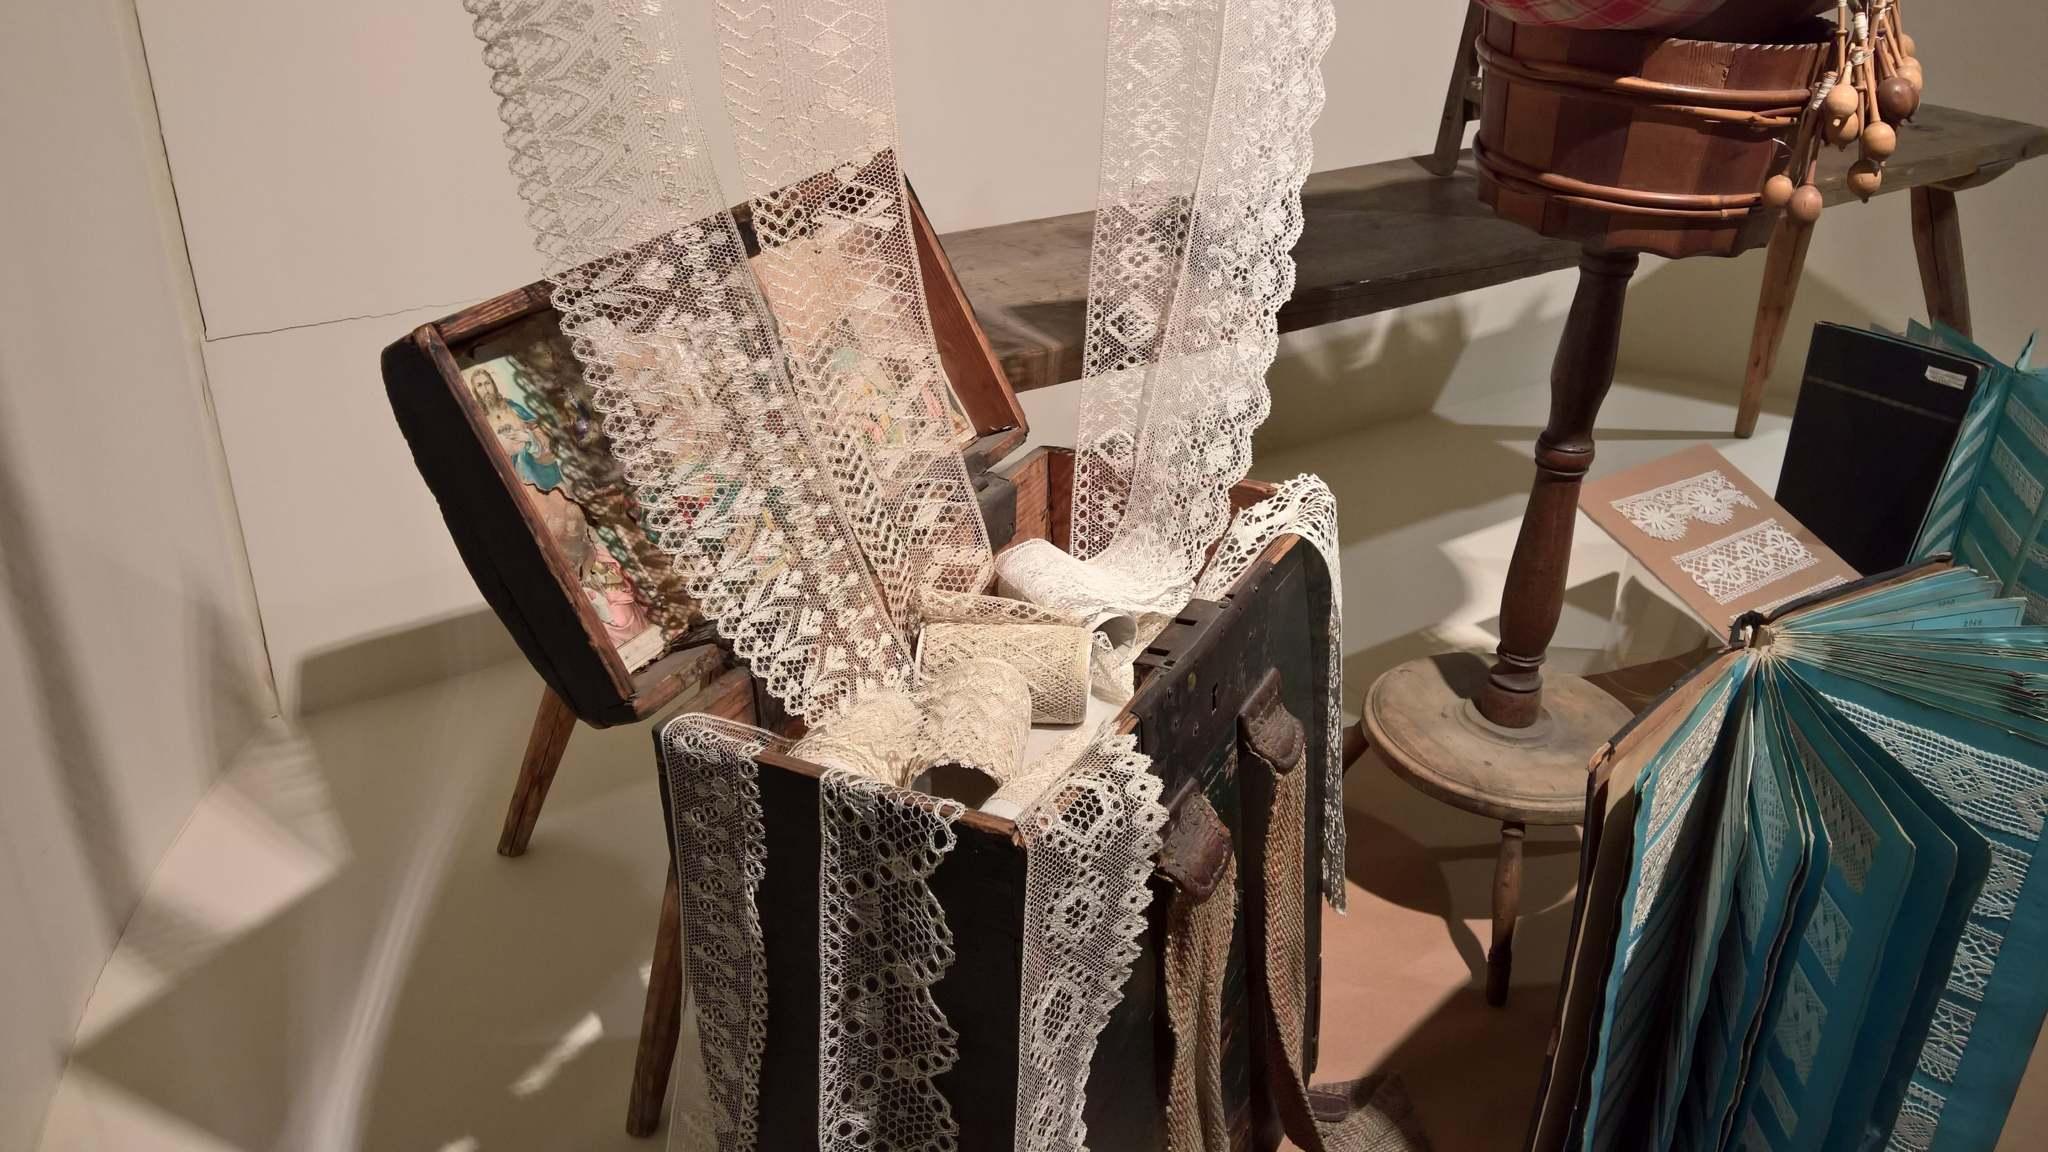 Muzeum krajky ve Vamberku vám představí historii ručně paličkové krajky na Podorlicku